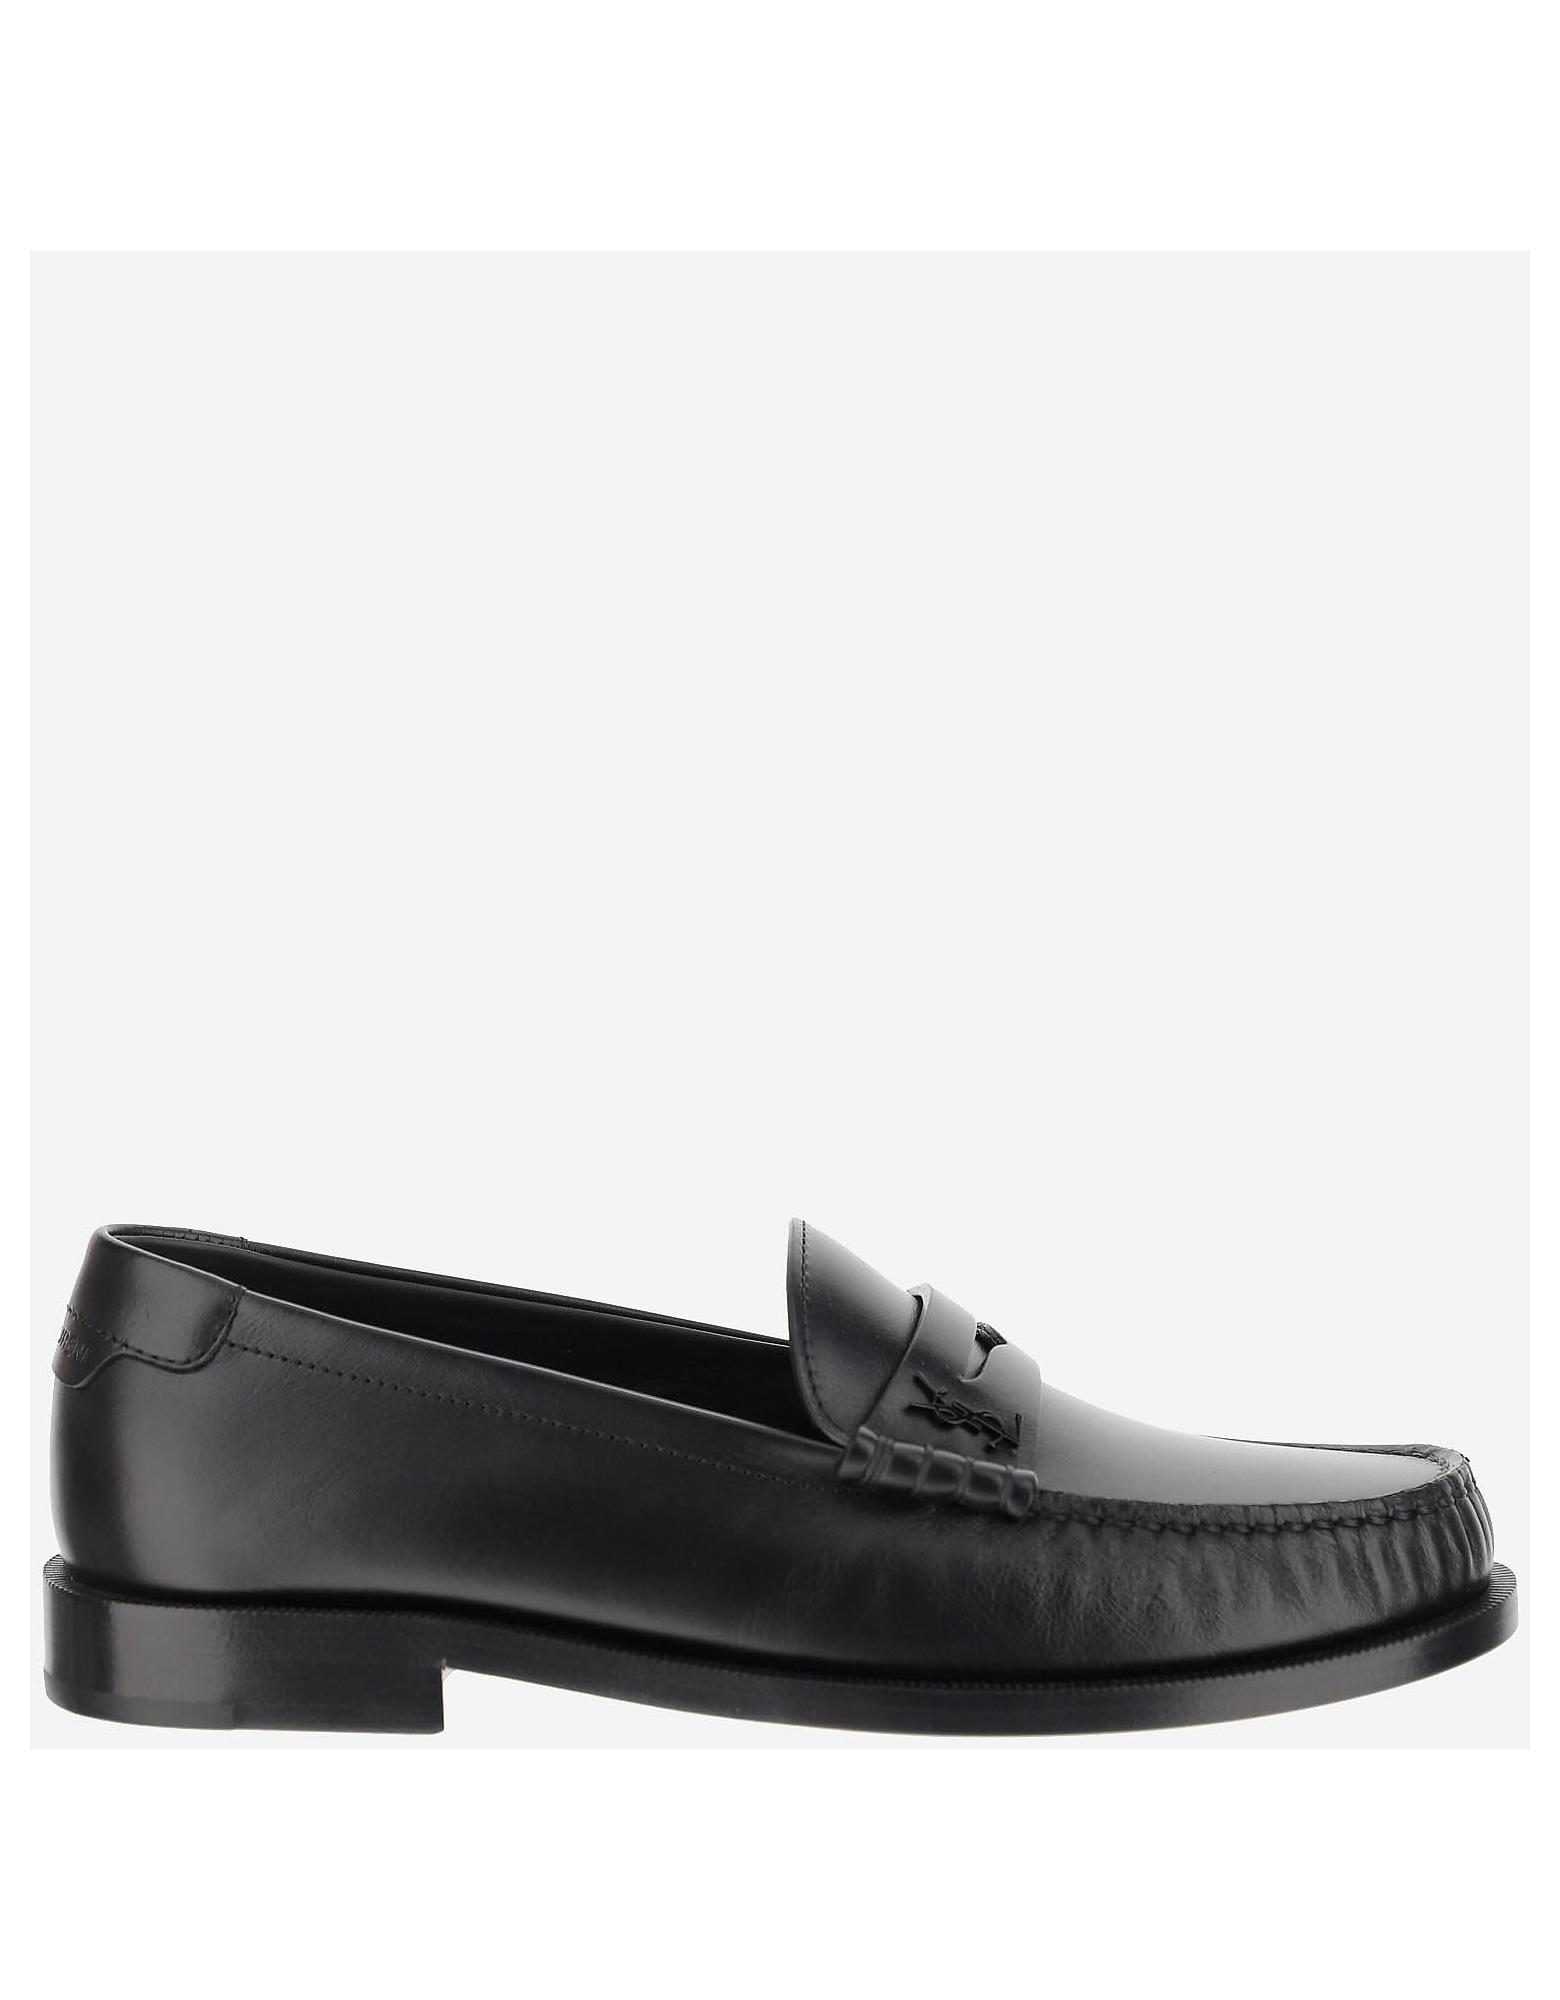 Saint Laurent Designer Shoes, Black Leather Loafers